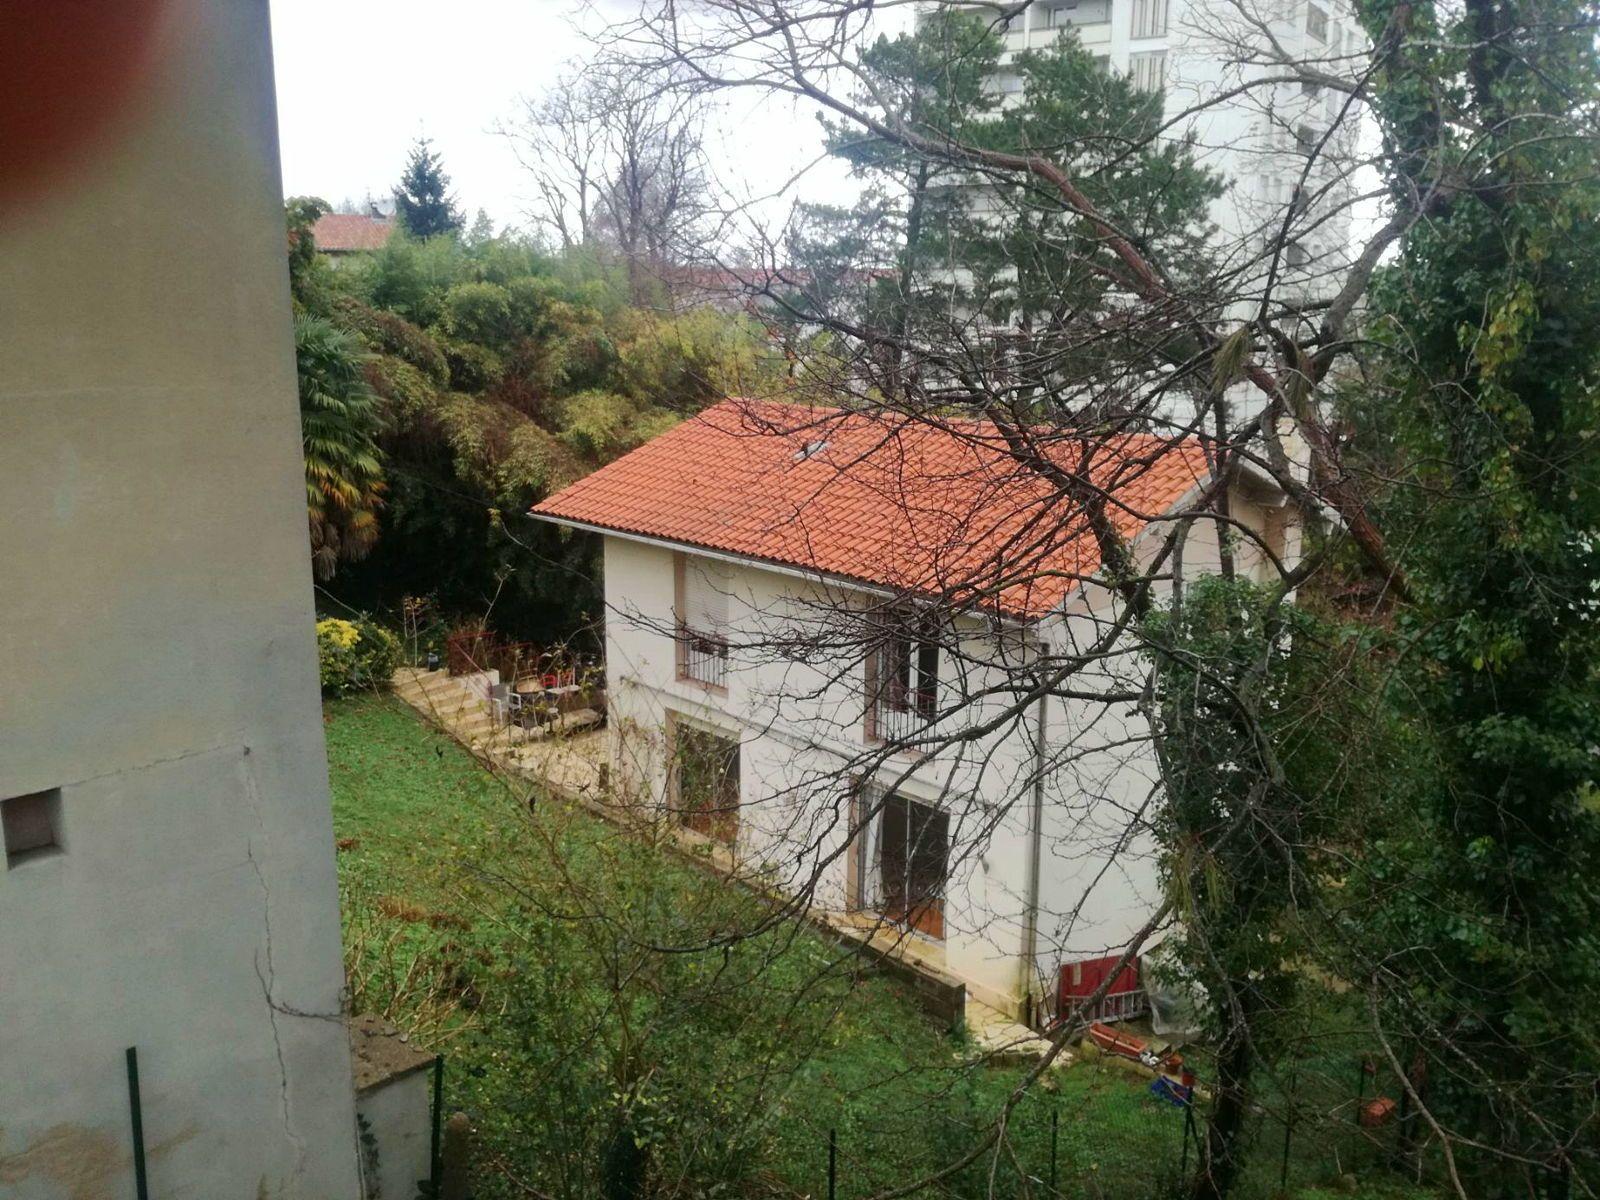 Vends maison quartier des arènes - 5chambres, 120m² - Bayonne (64)